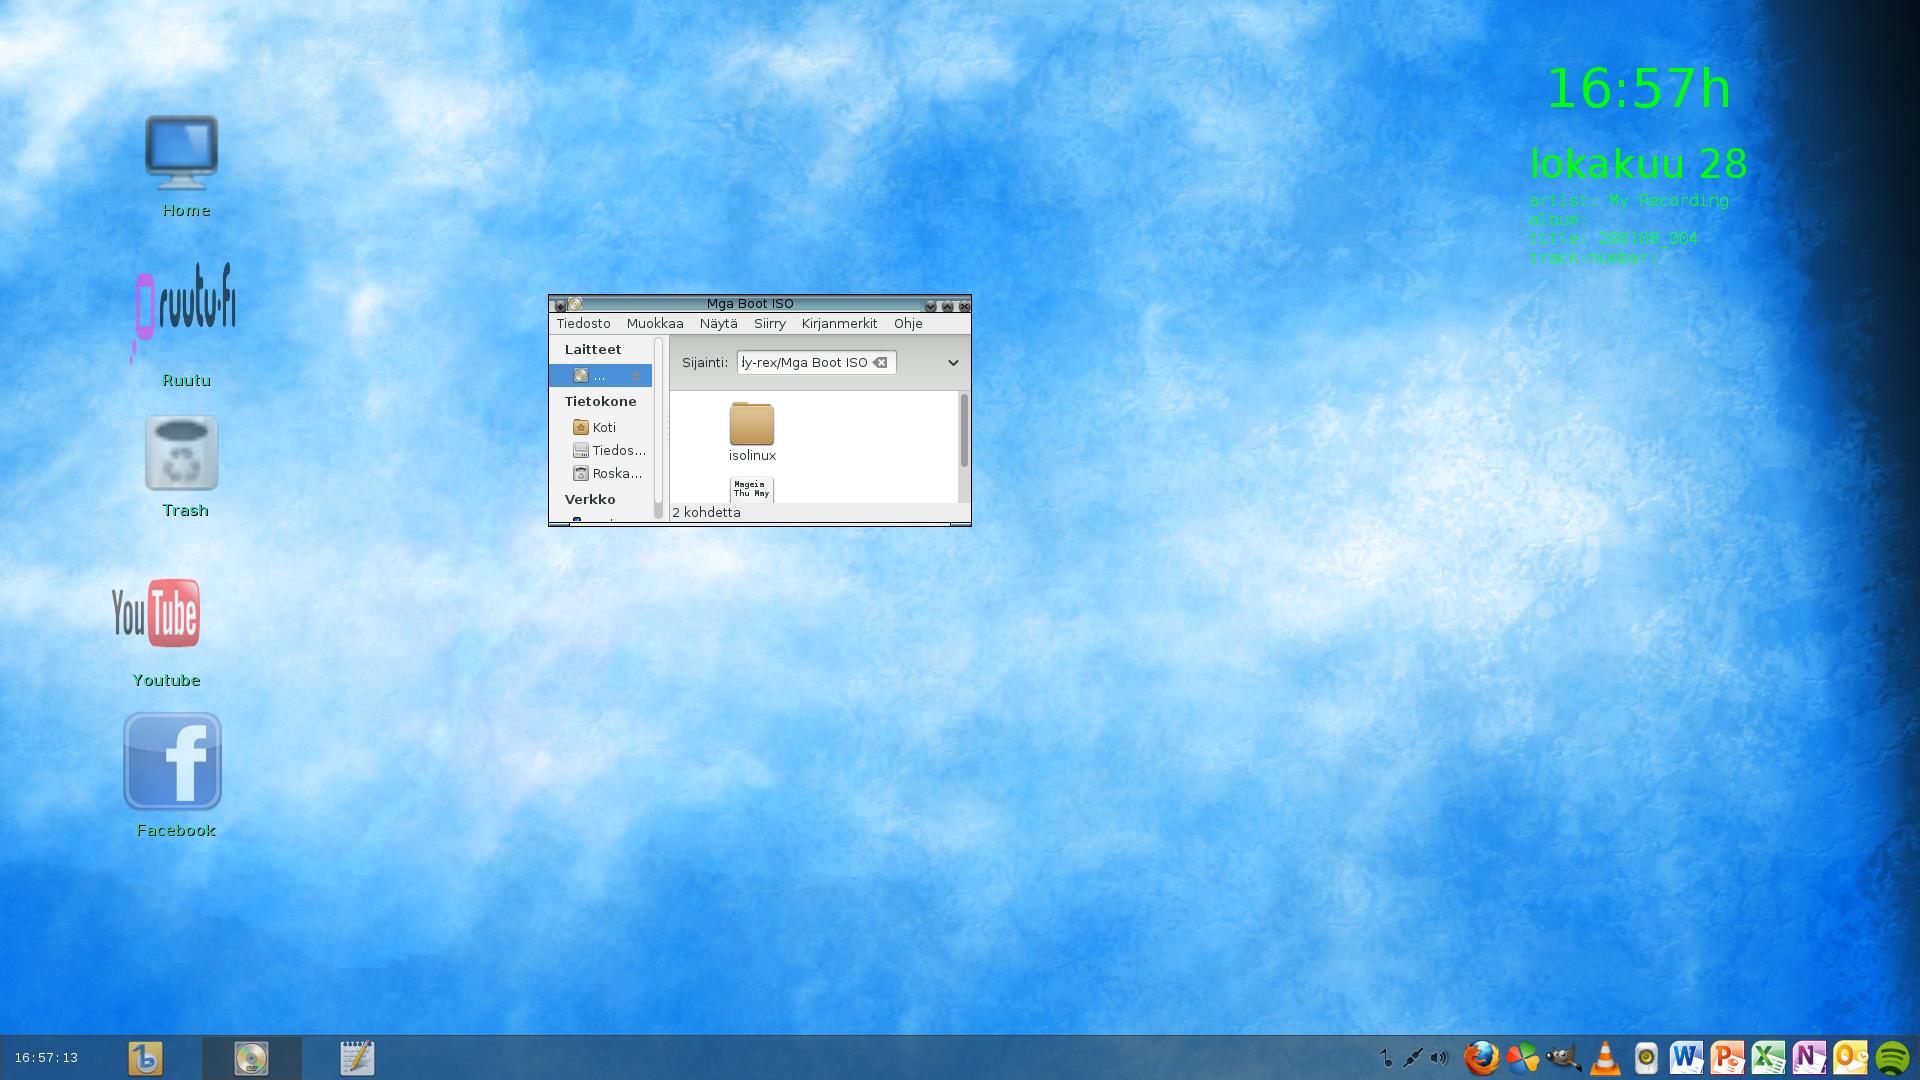 linux screenshot, screenshot from linux